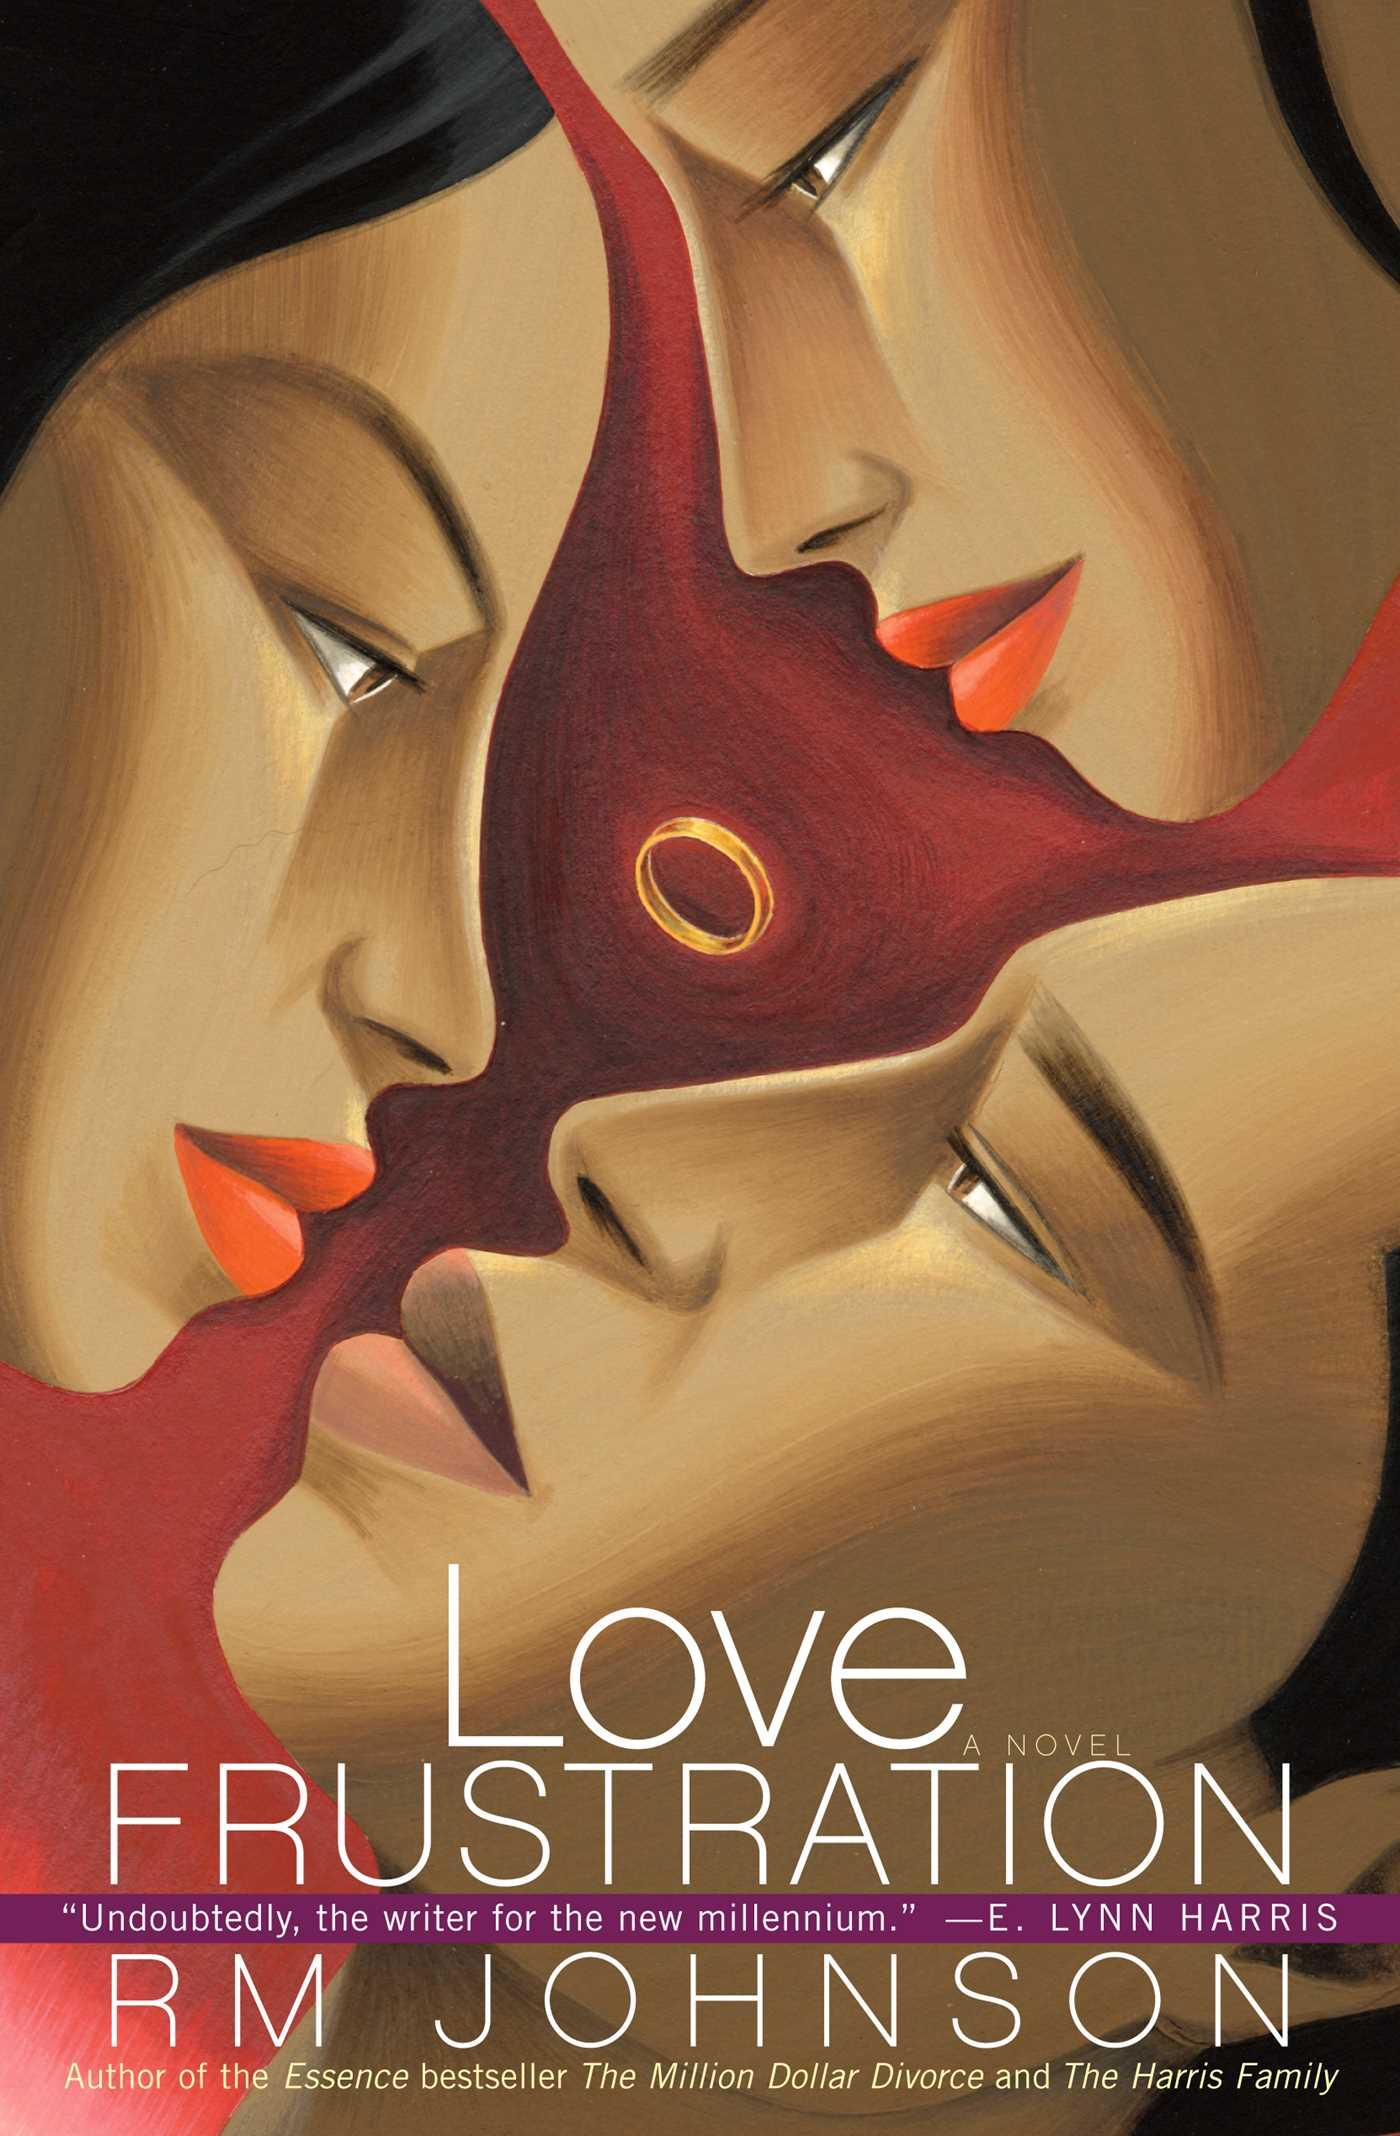 Love frustration 9780743238700 hr